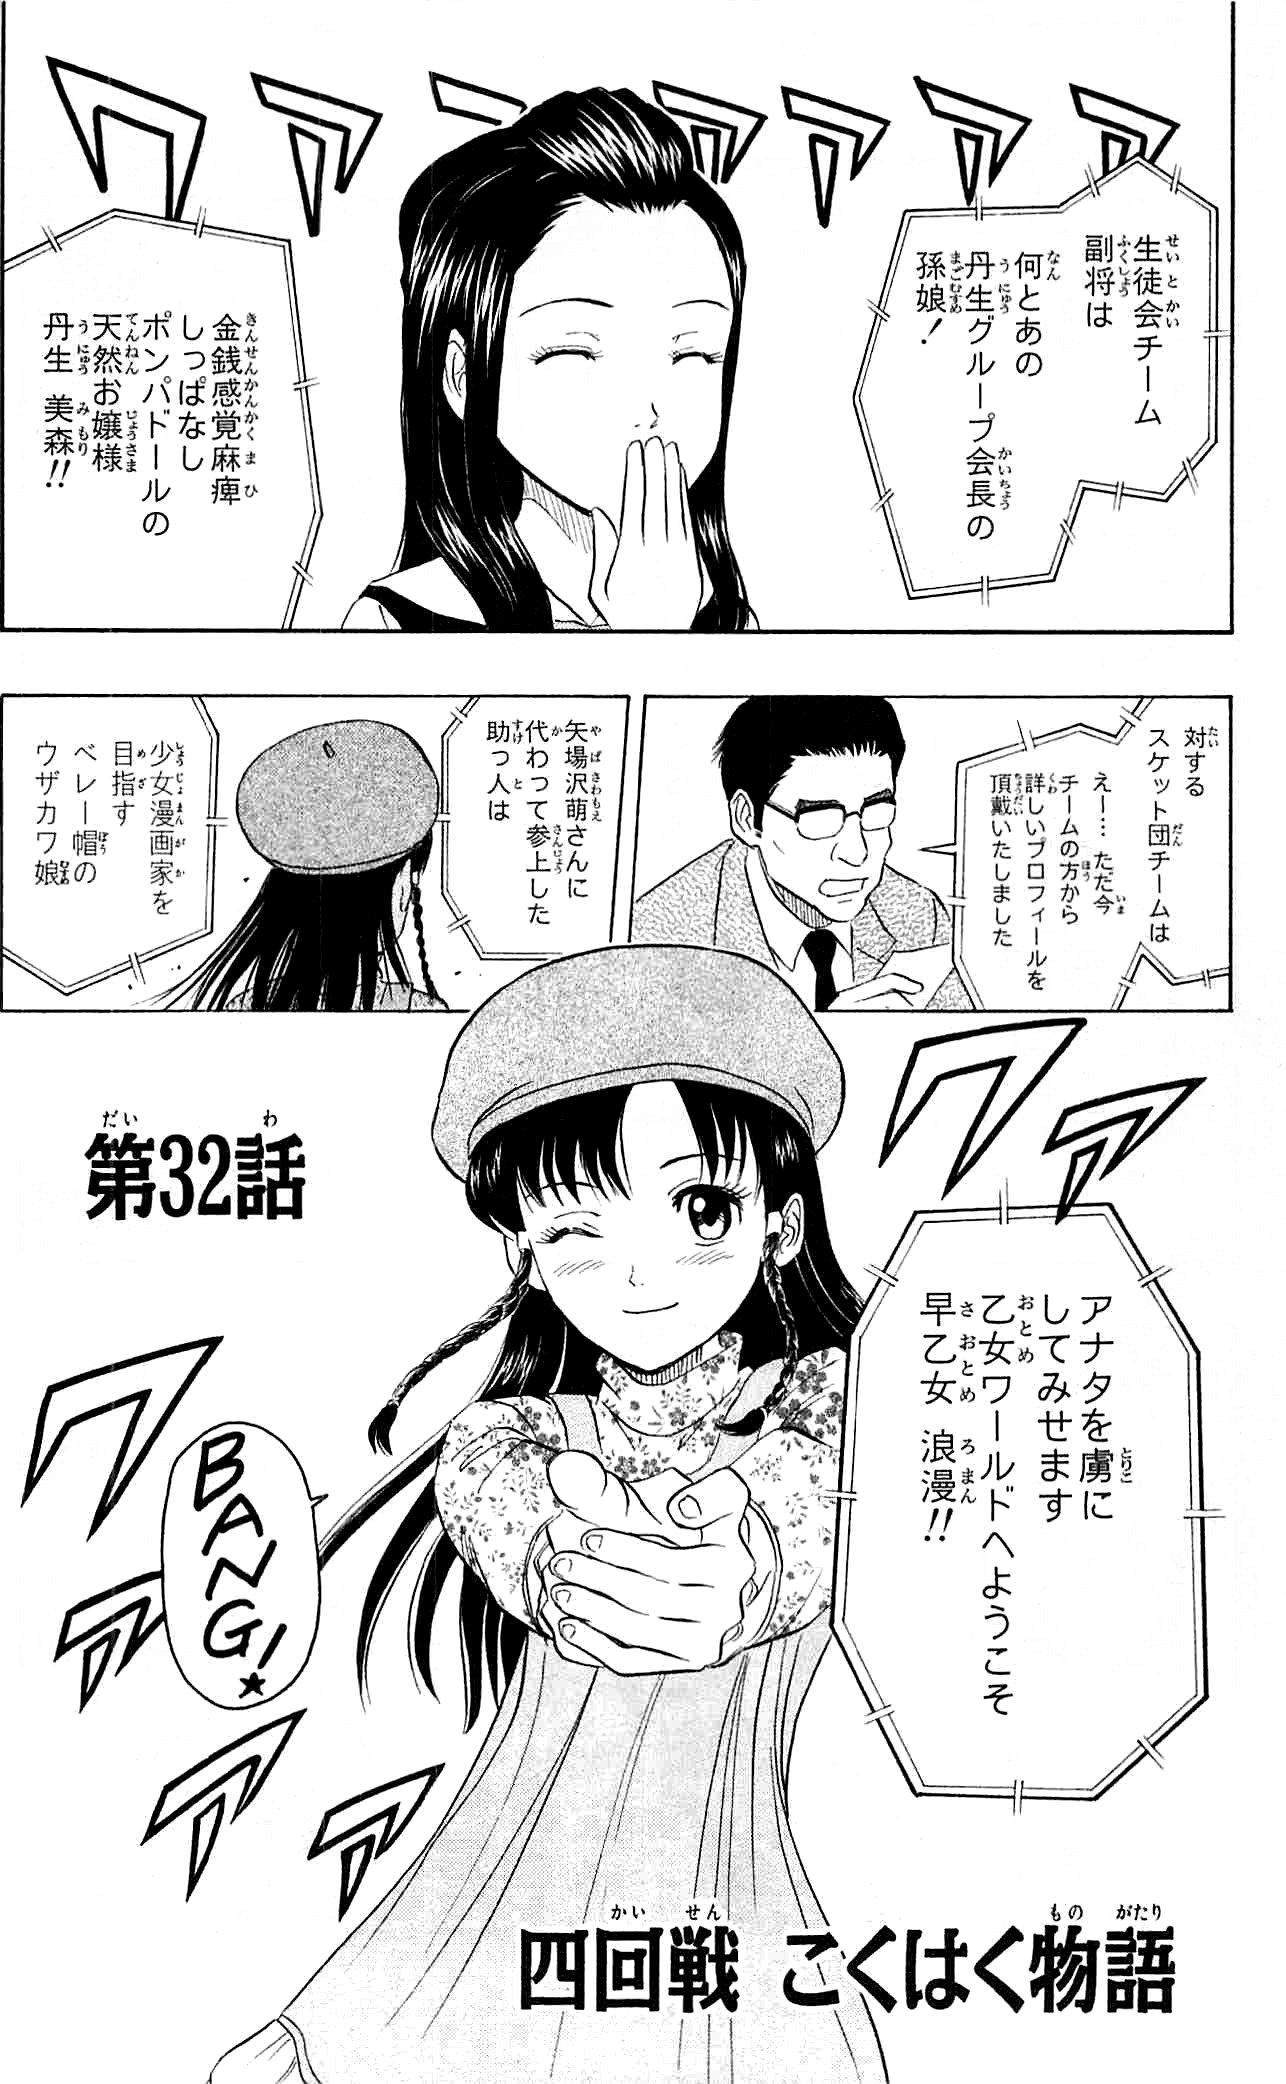 Round 4 - Kokuhaku Monogatari